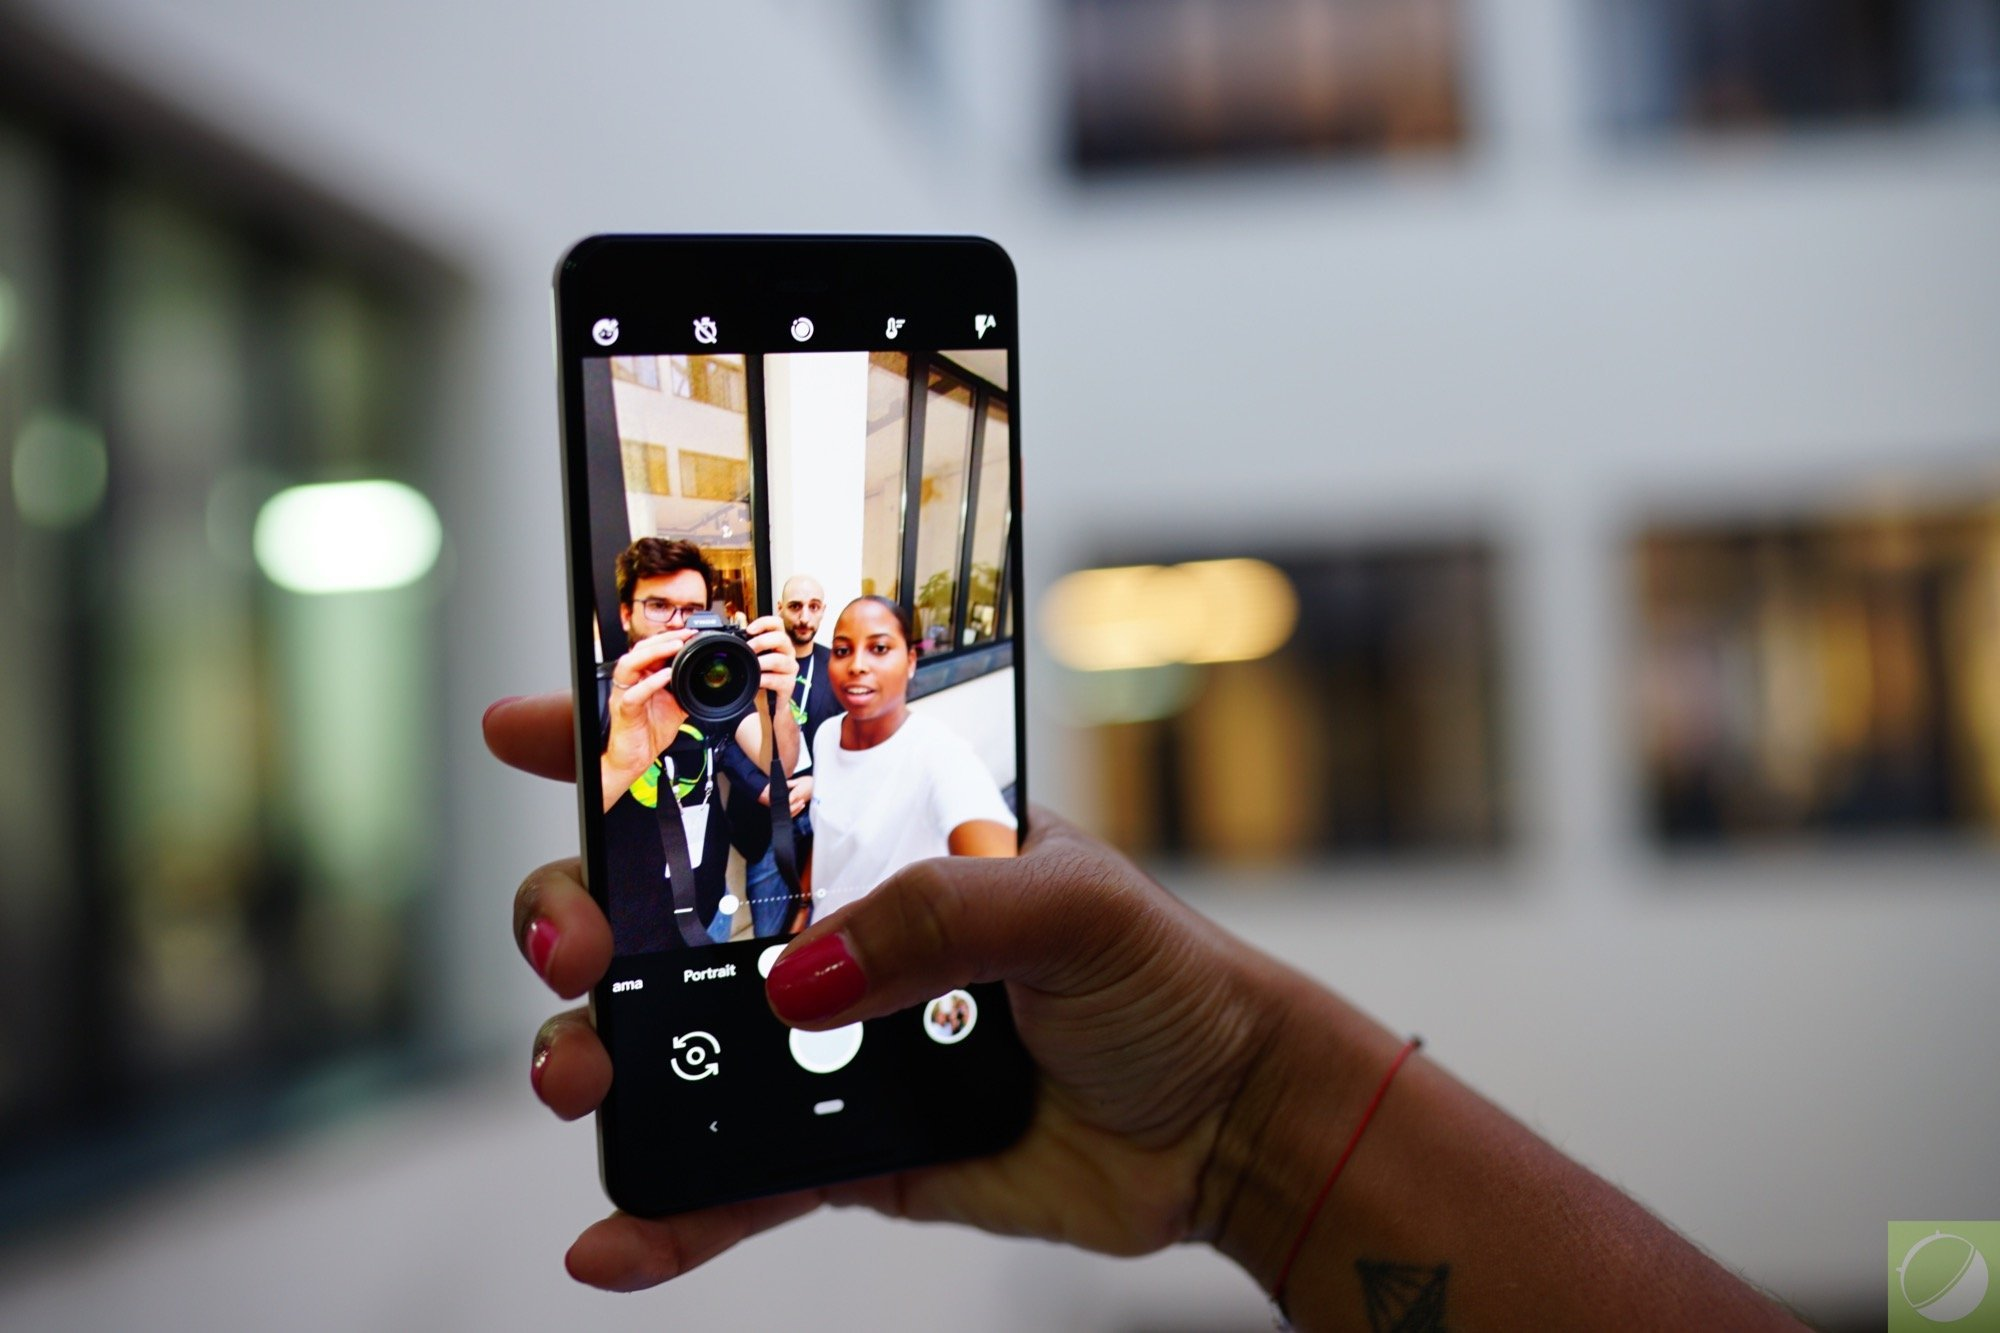 OnePlus 6 : l'appareil photo (et son mode portrait) du Pixel 3 est disponible